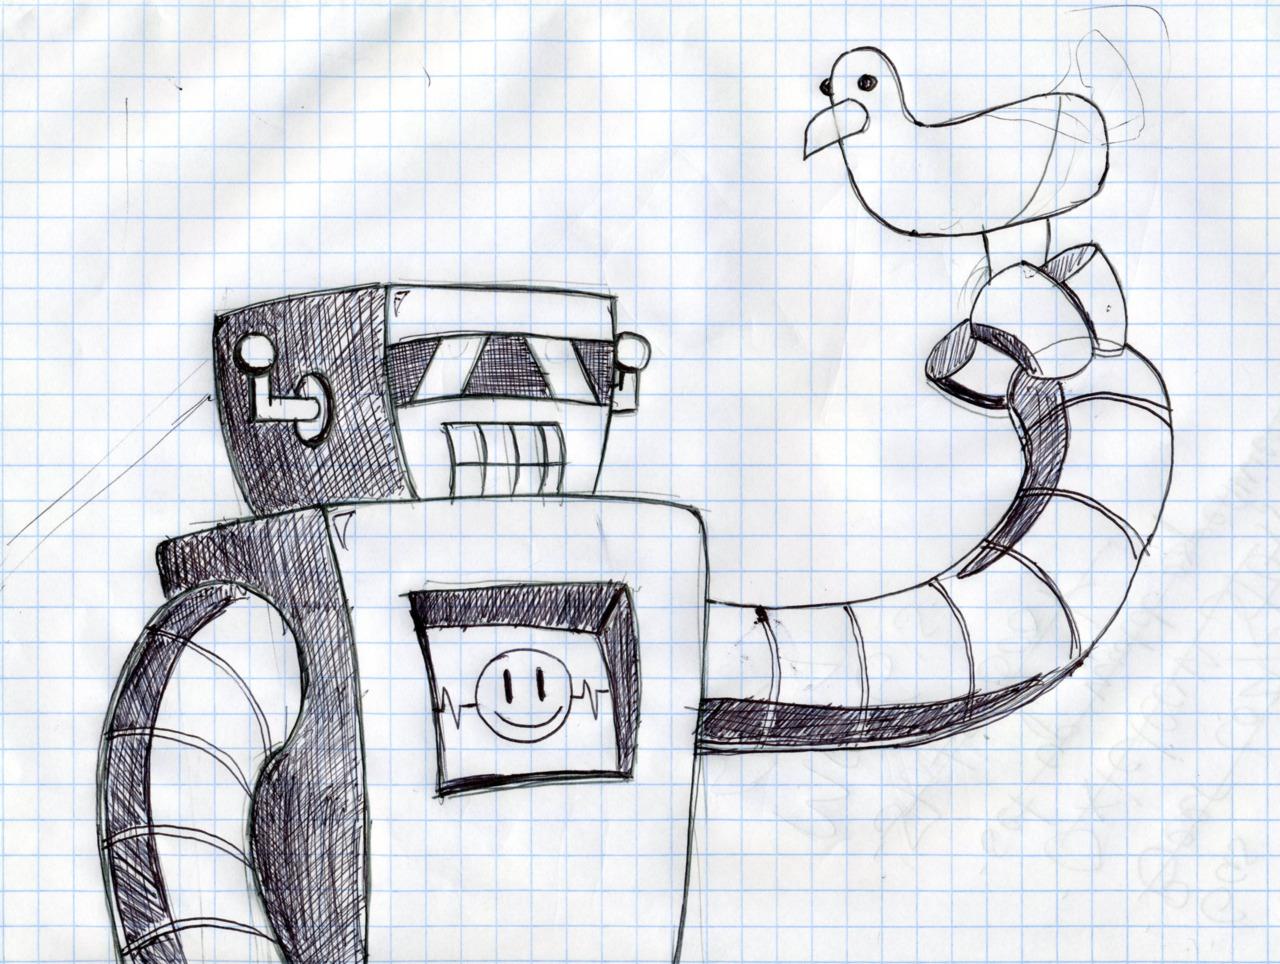 Robot and bird